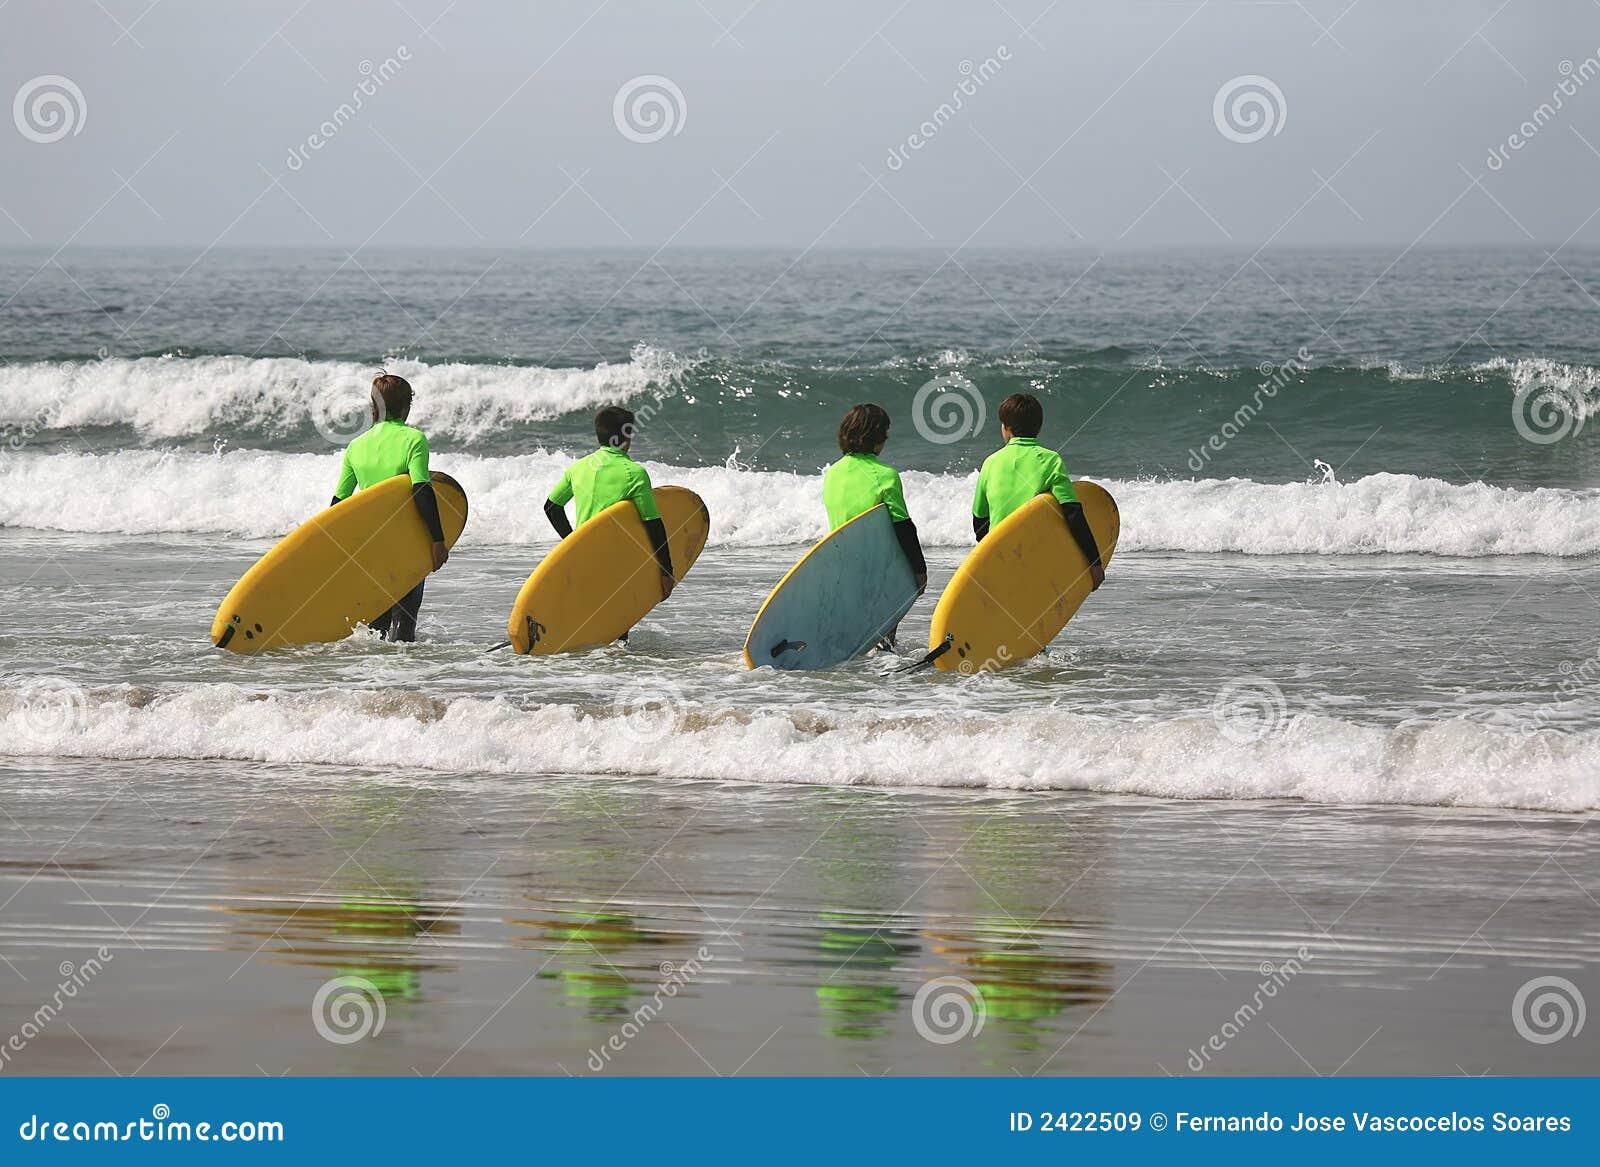 Quatro surfistas